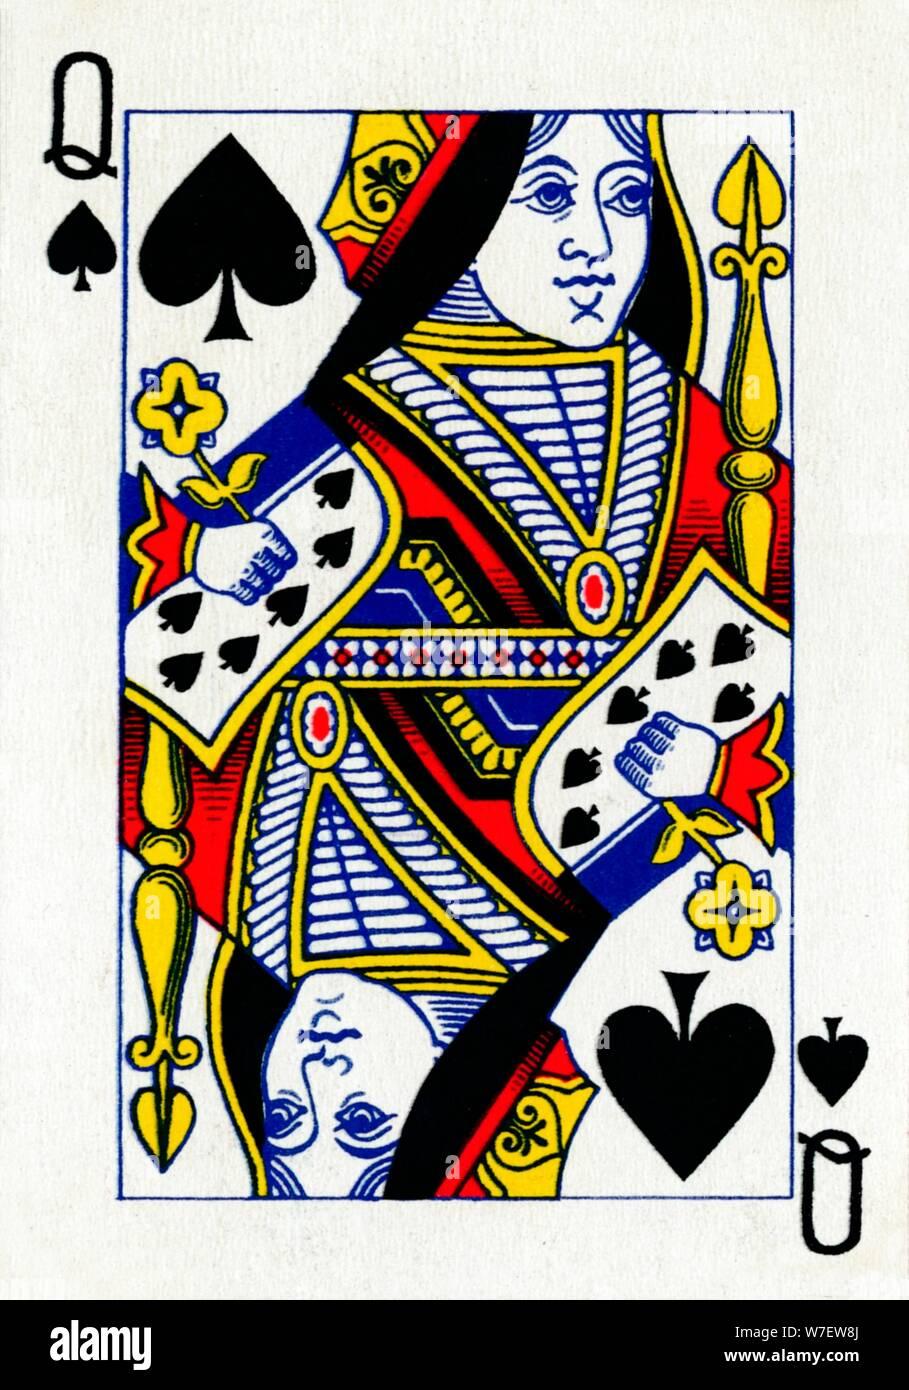 Spades queen dating of Queen Of